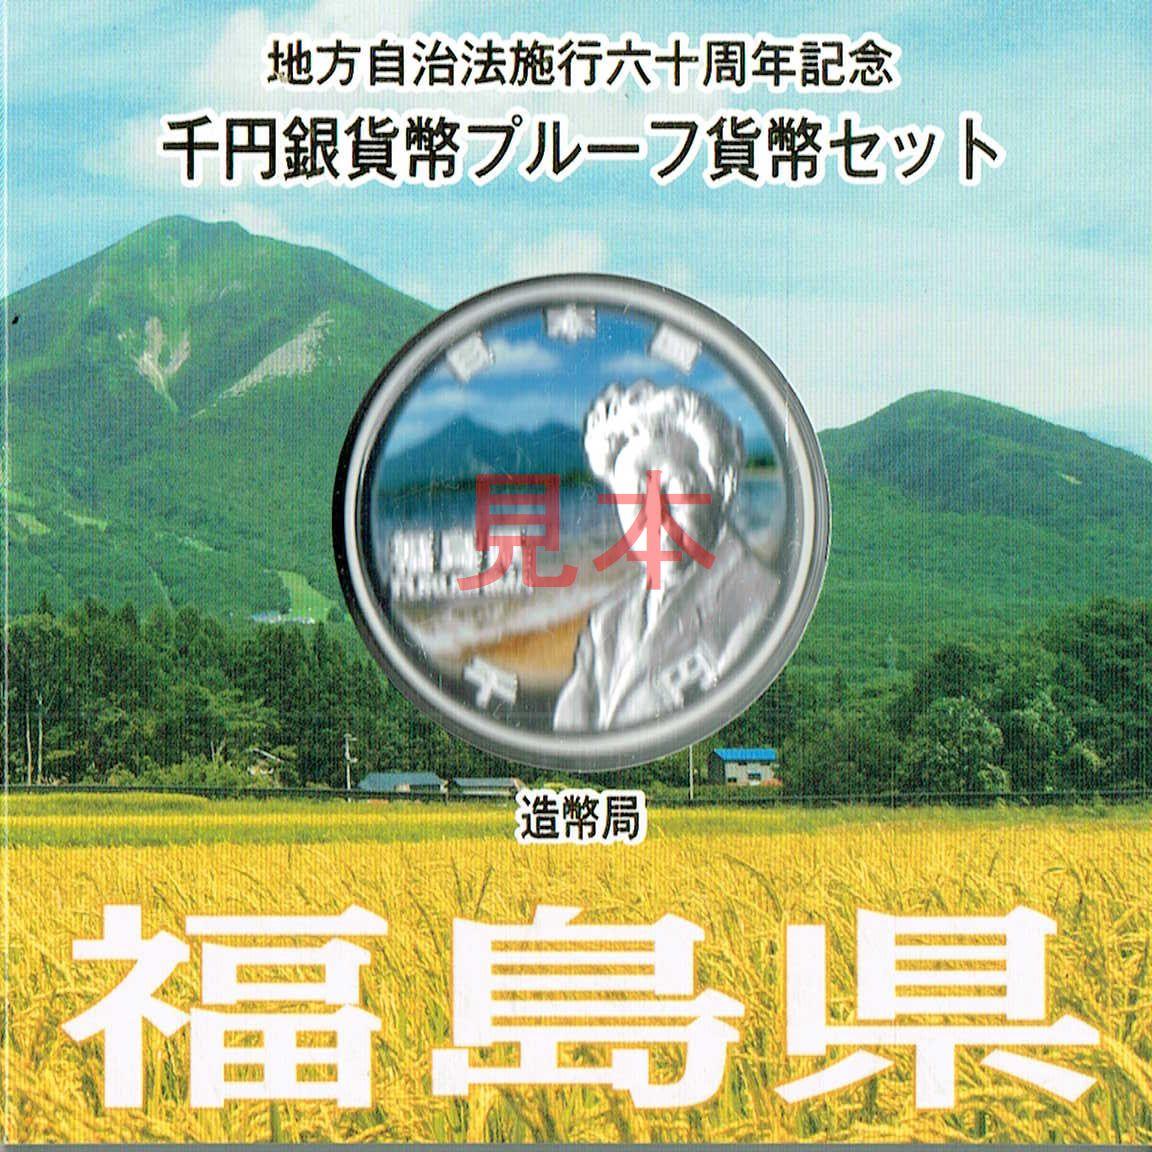 商品名「地方自治法施行60周年記念千円銀貨幣プルーフ Aセット 福島県」